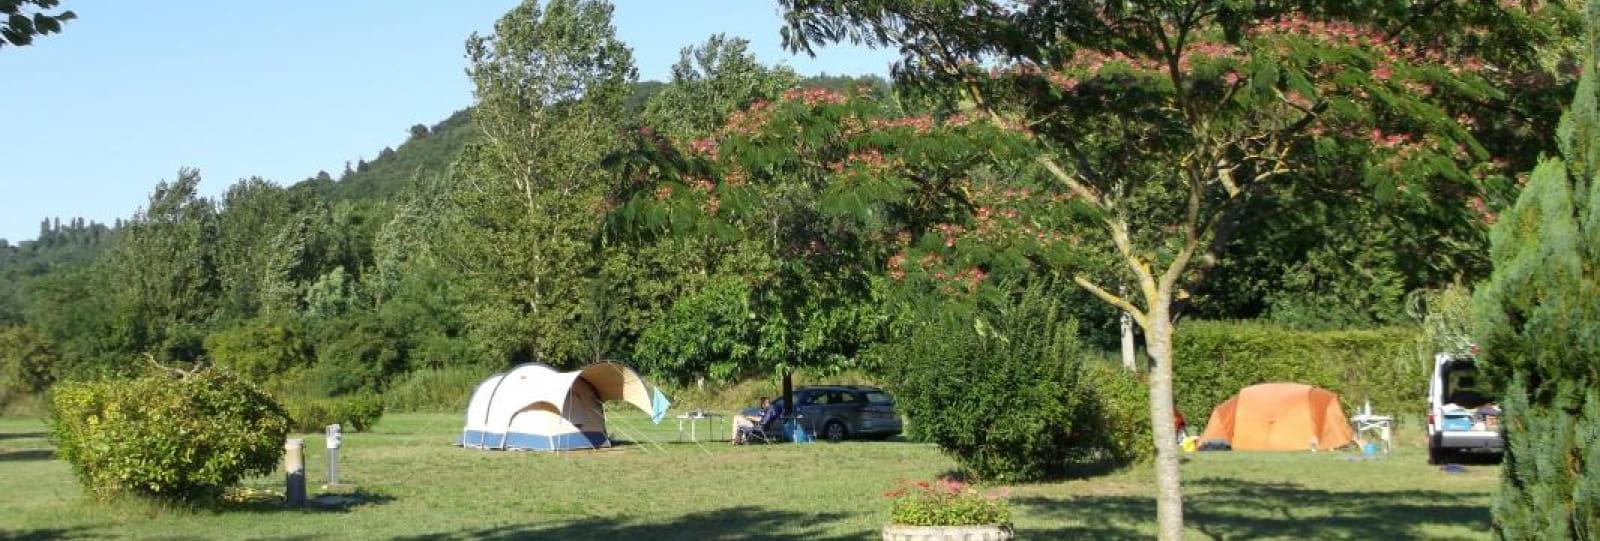 Camping à la ferme  'Le Biquet'